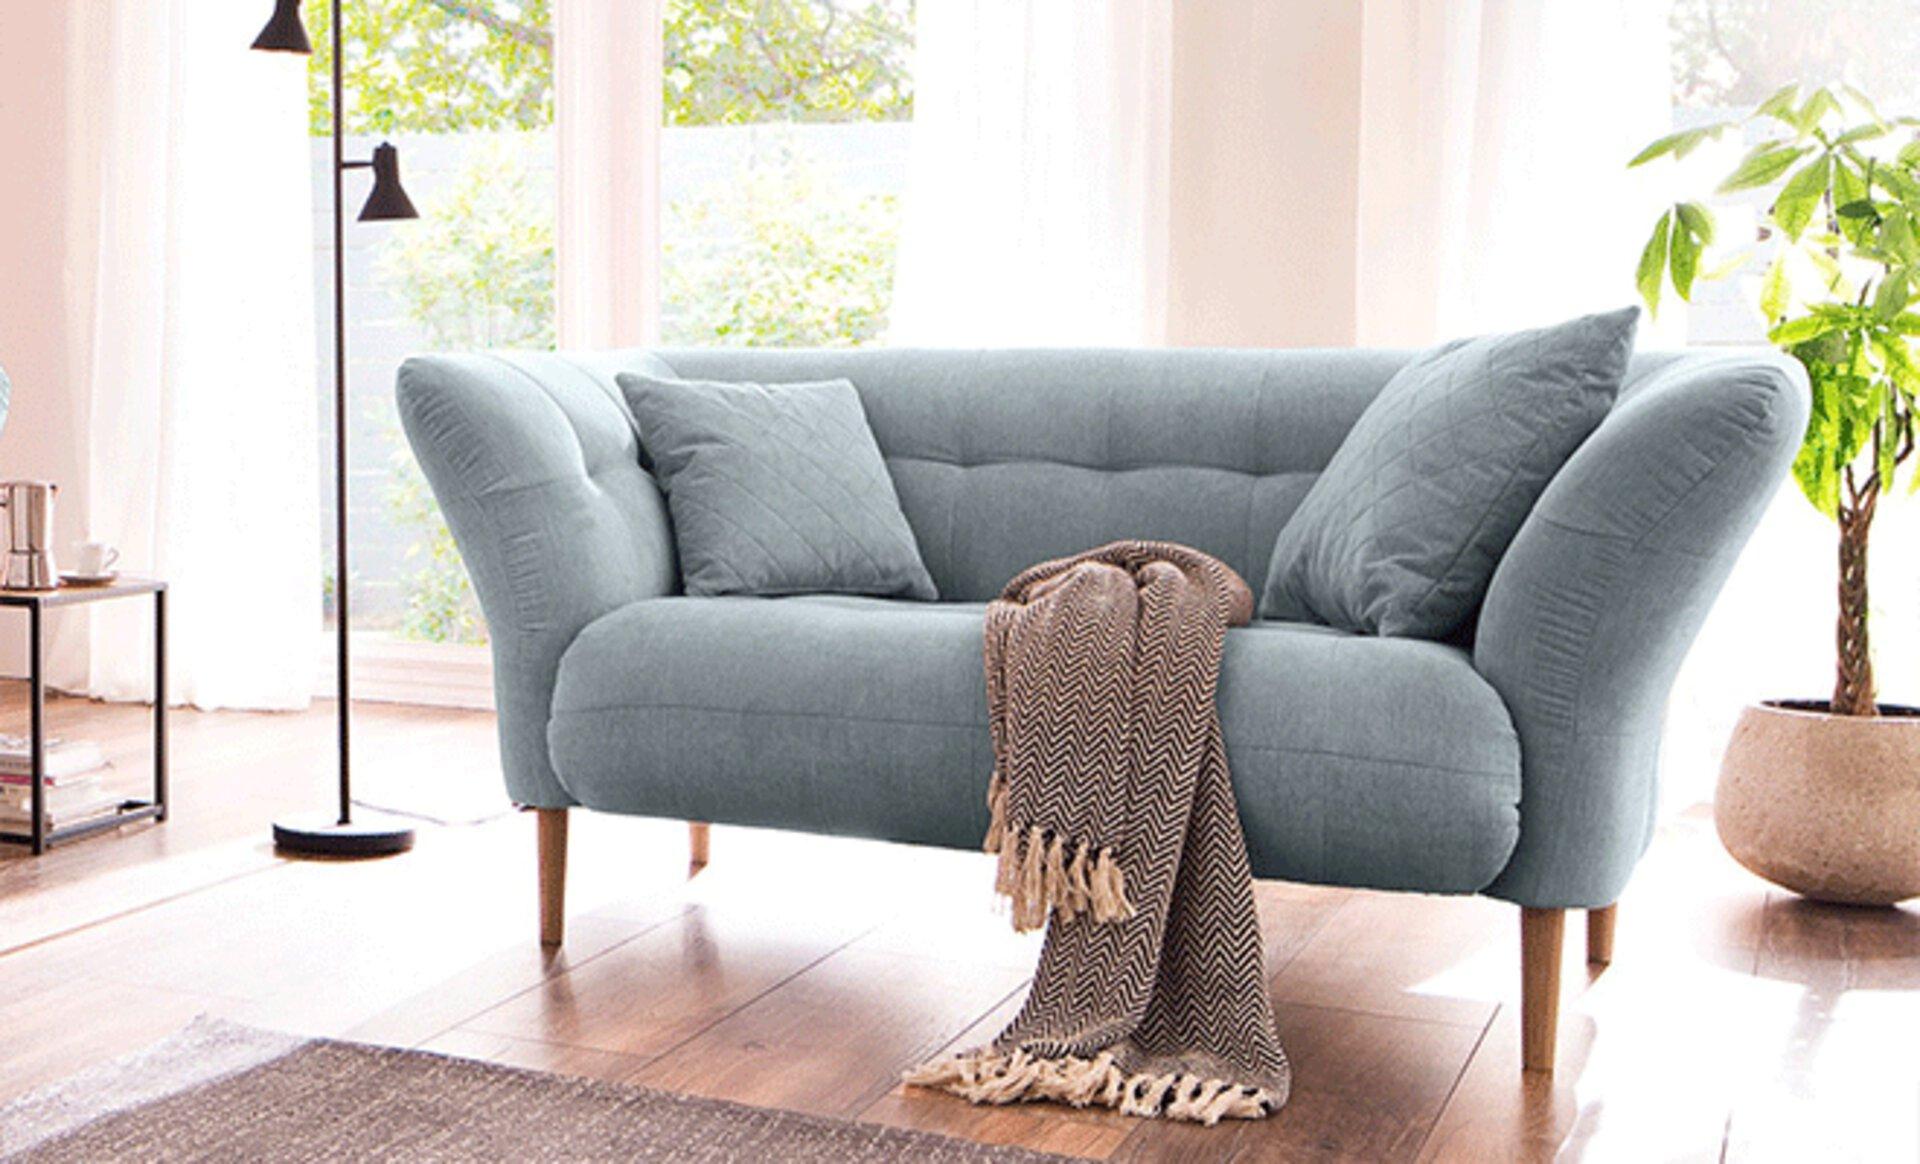 Zweisitzersofa mit hellblauem Stoffbezug, hoher Rücken- und Armlehne und naturbelassenen Holzfüßen. Typisches Einzelsofa im für das Einrichten im Landhausstil.